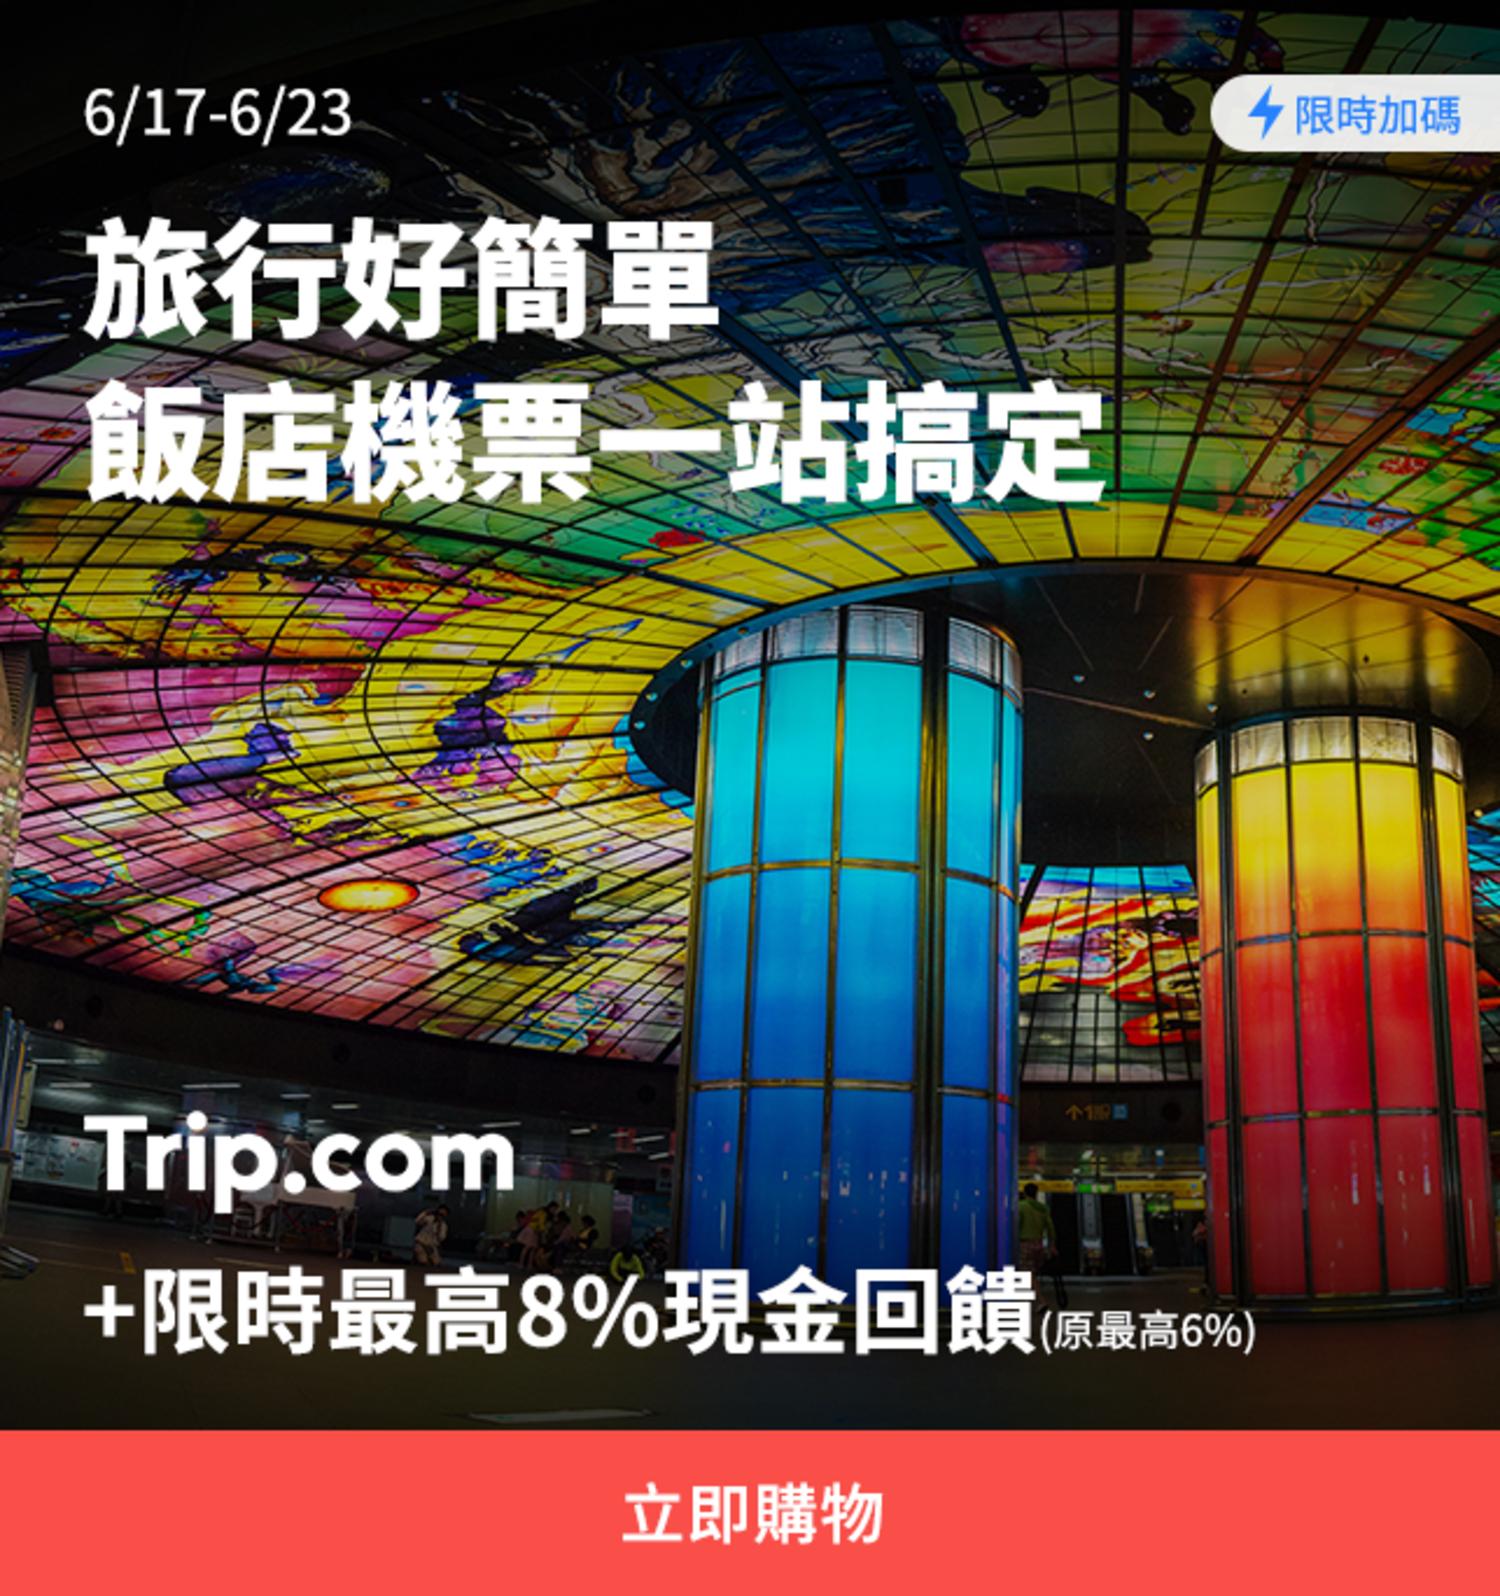 Trip-com加碼0617-0623